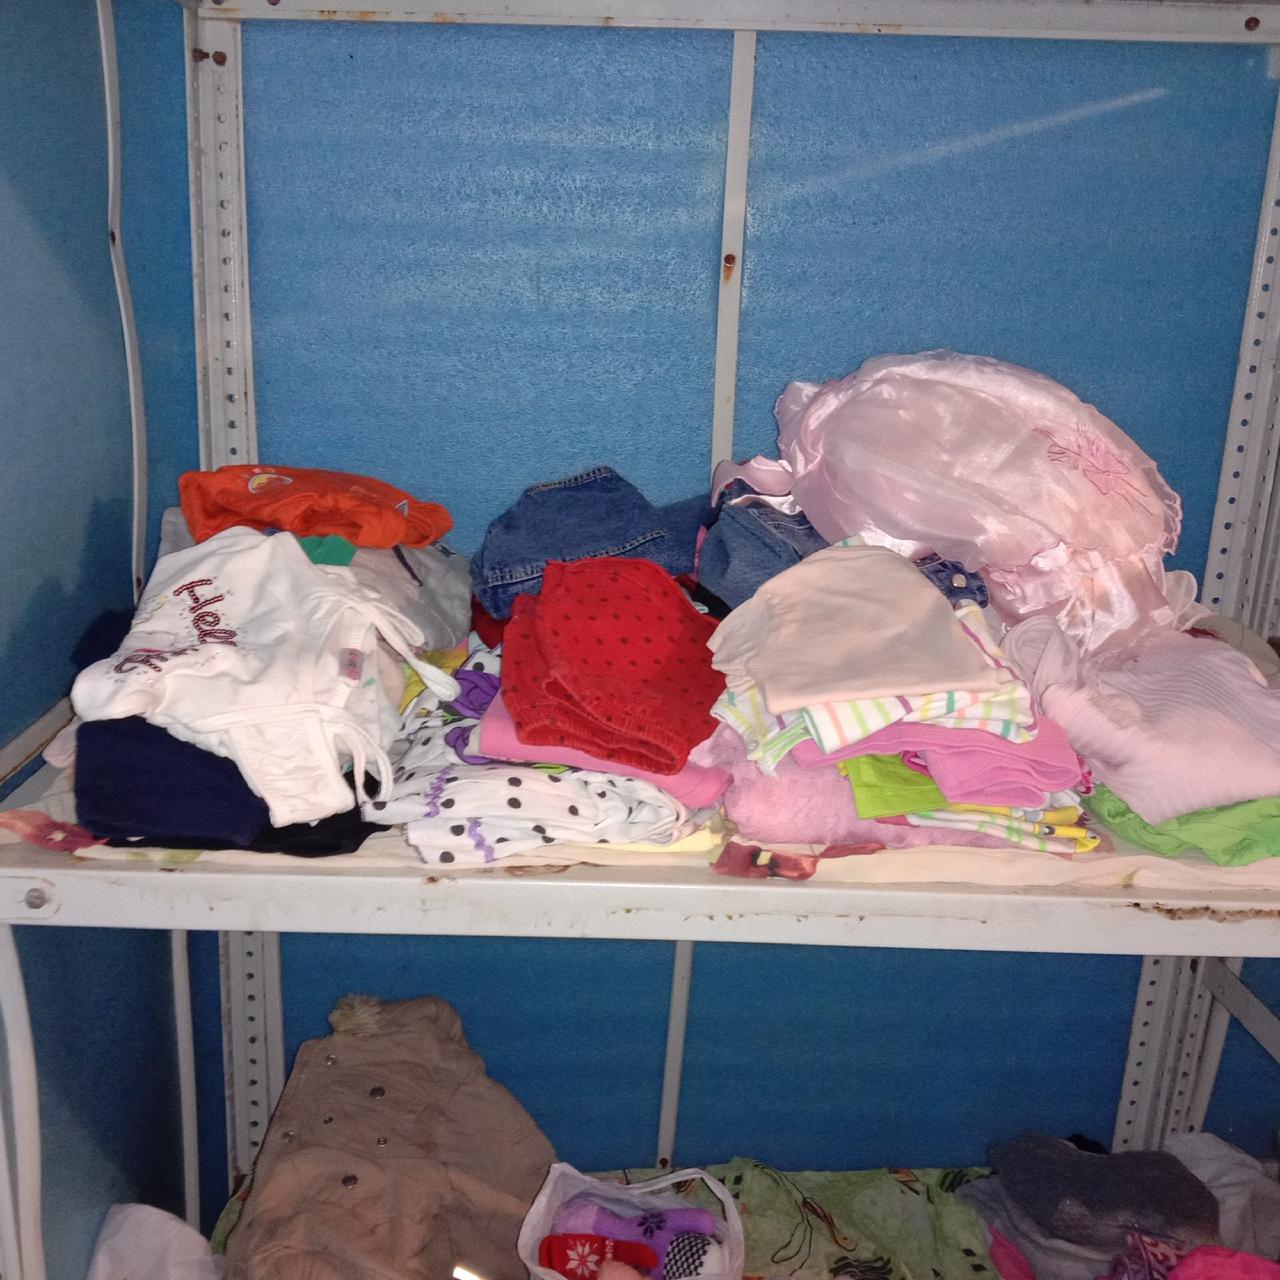 Ярославна открыла склад ненужных вещей для нуждающихся